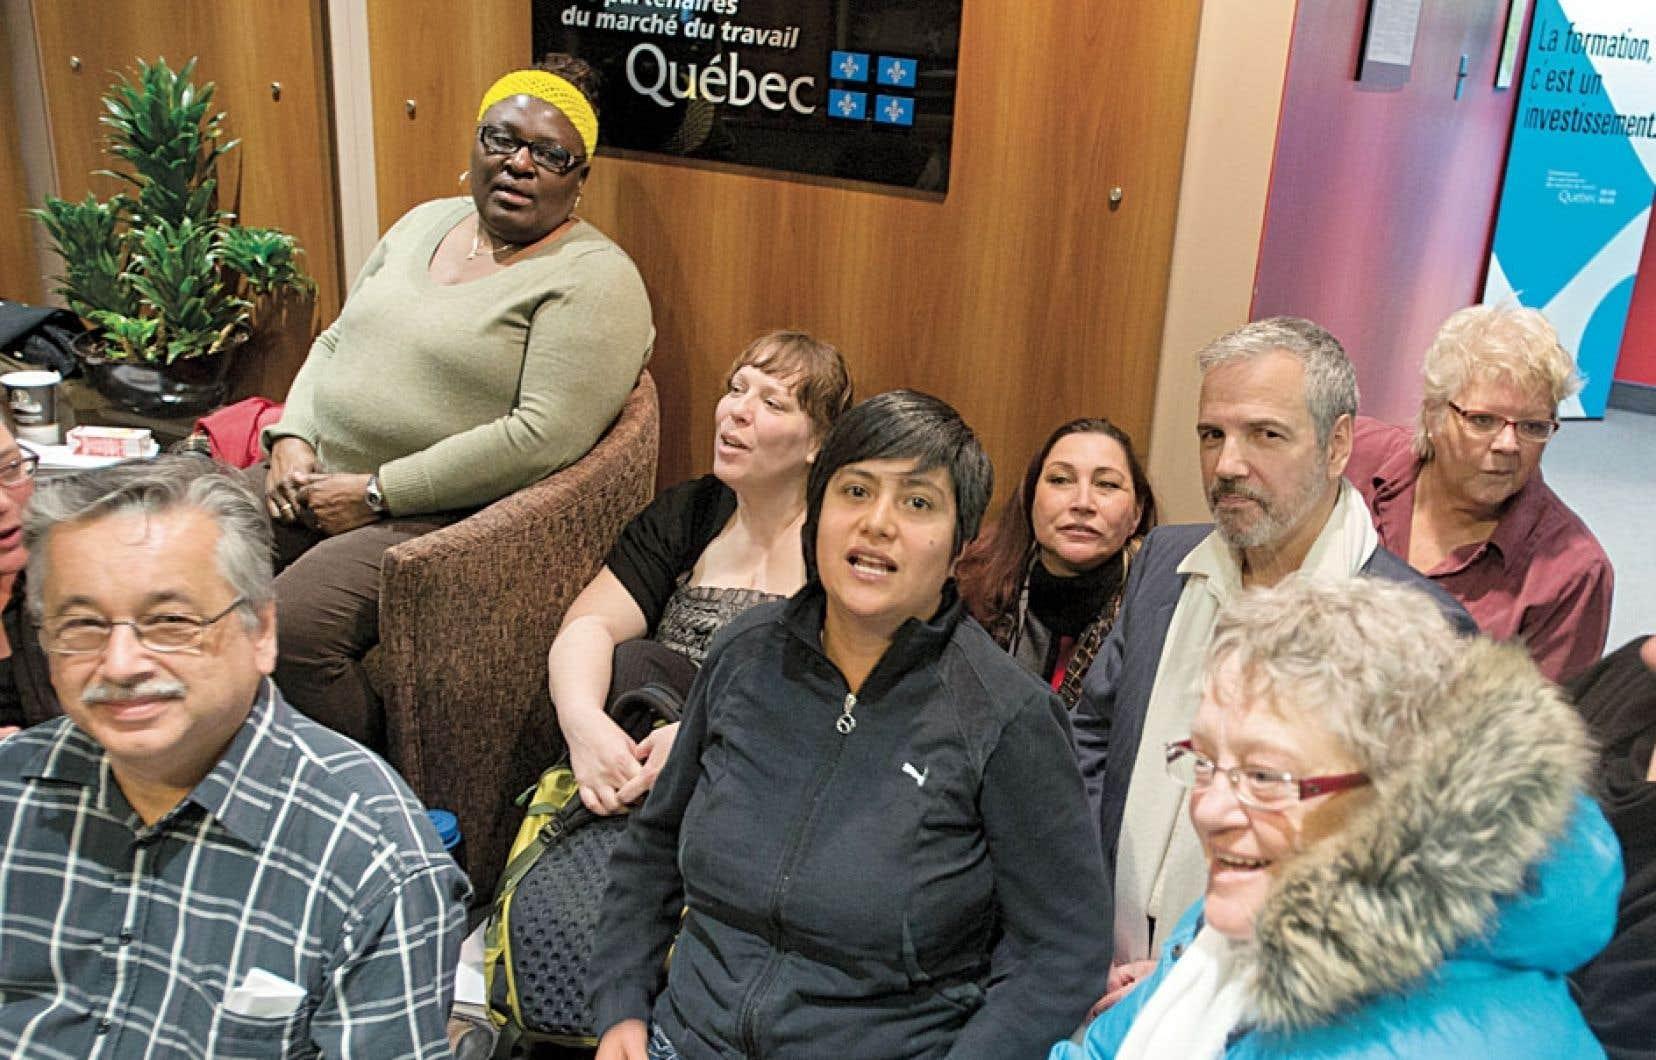 Des membres de l'Organisation populaire des droits sociaux (OPDS) ont occupé vendredi les bureaux montréalais de la ministre Agnès Maltais en guise de protestation aux modifications annoncées à l'aide sociale.